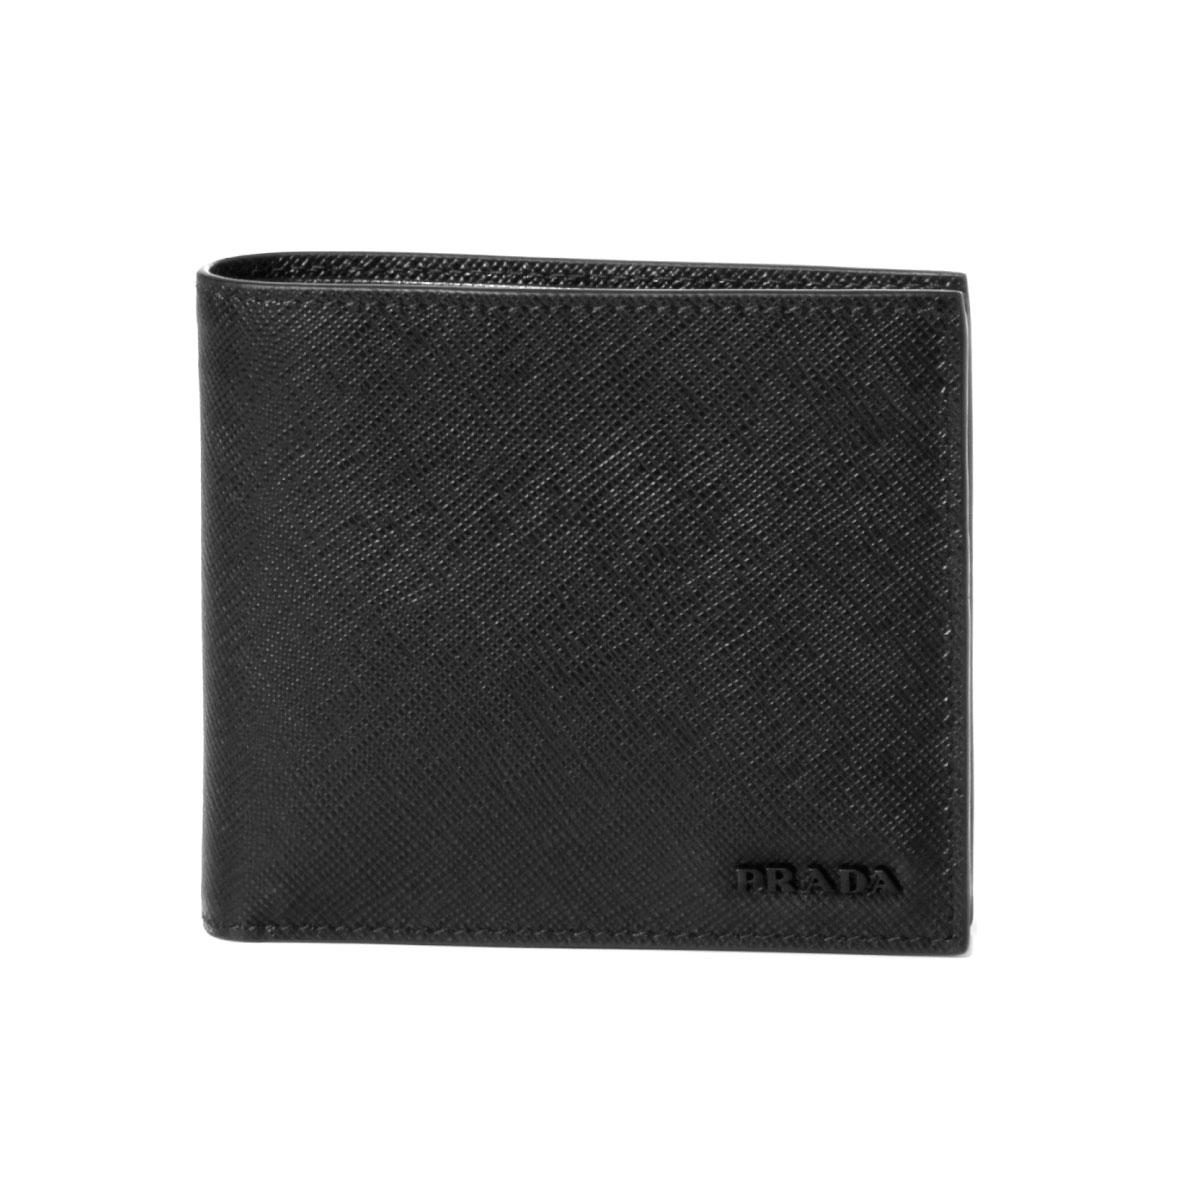 プラダ PRADA 財布 メンズ 2MO738 ZLP F0002 二つ折り財布 SAFFIANO MULTIC NERO ブラック